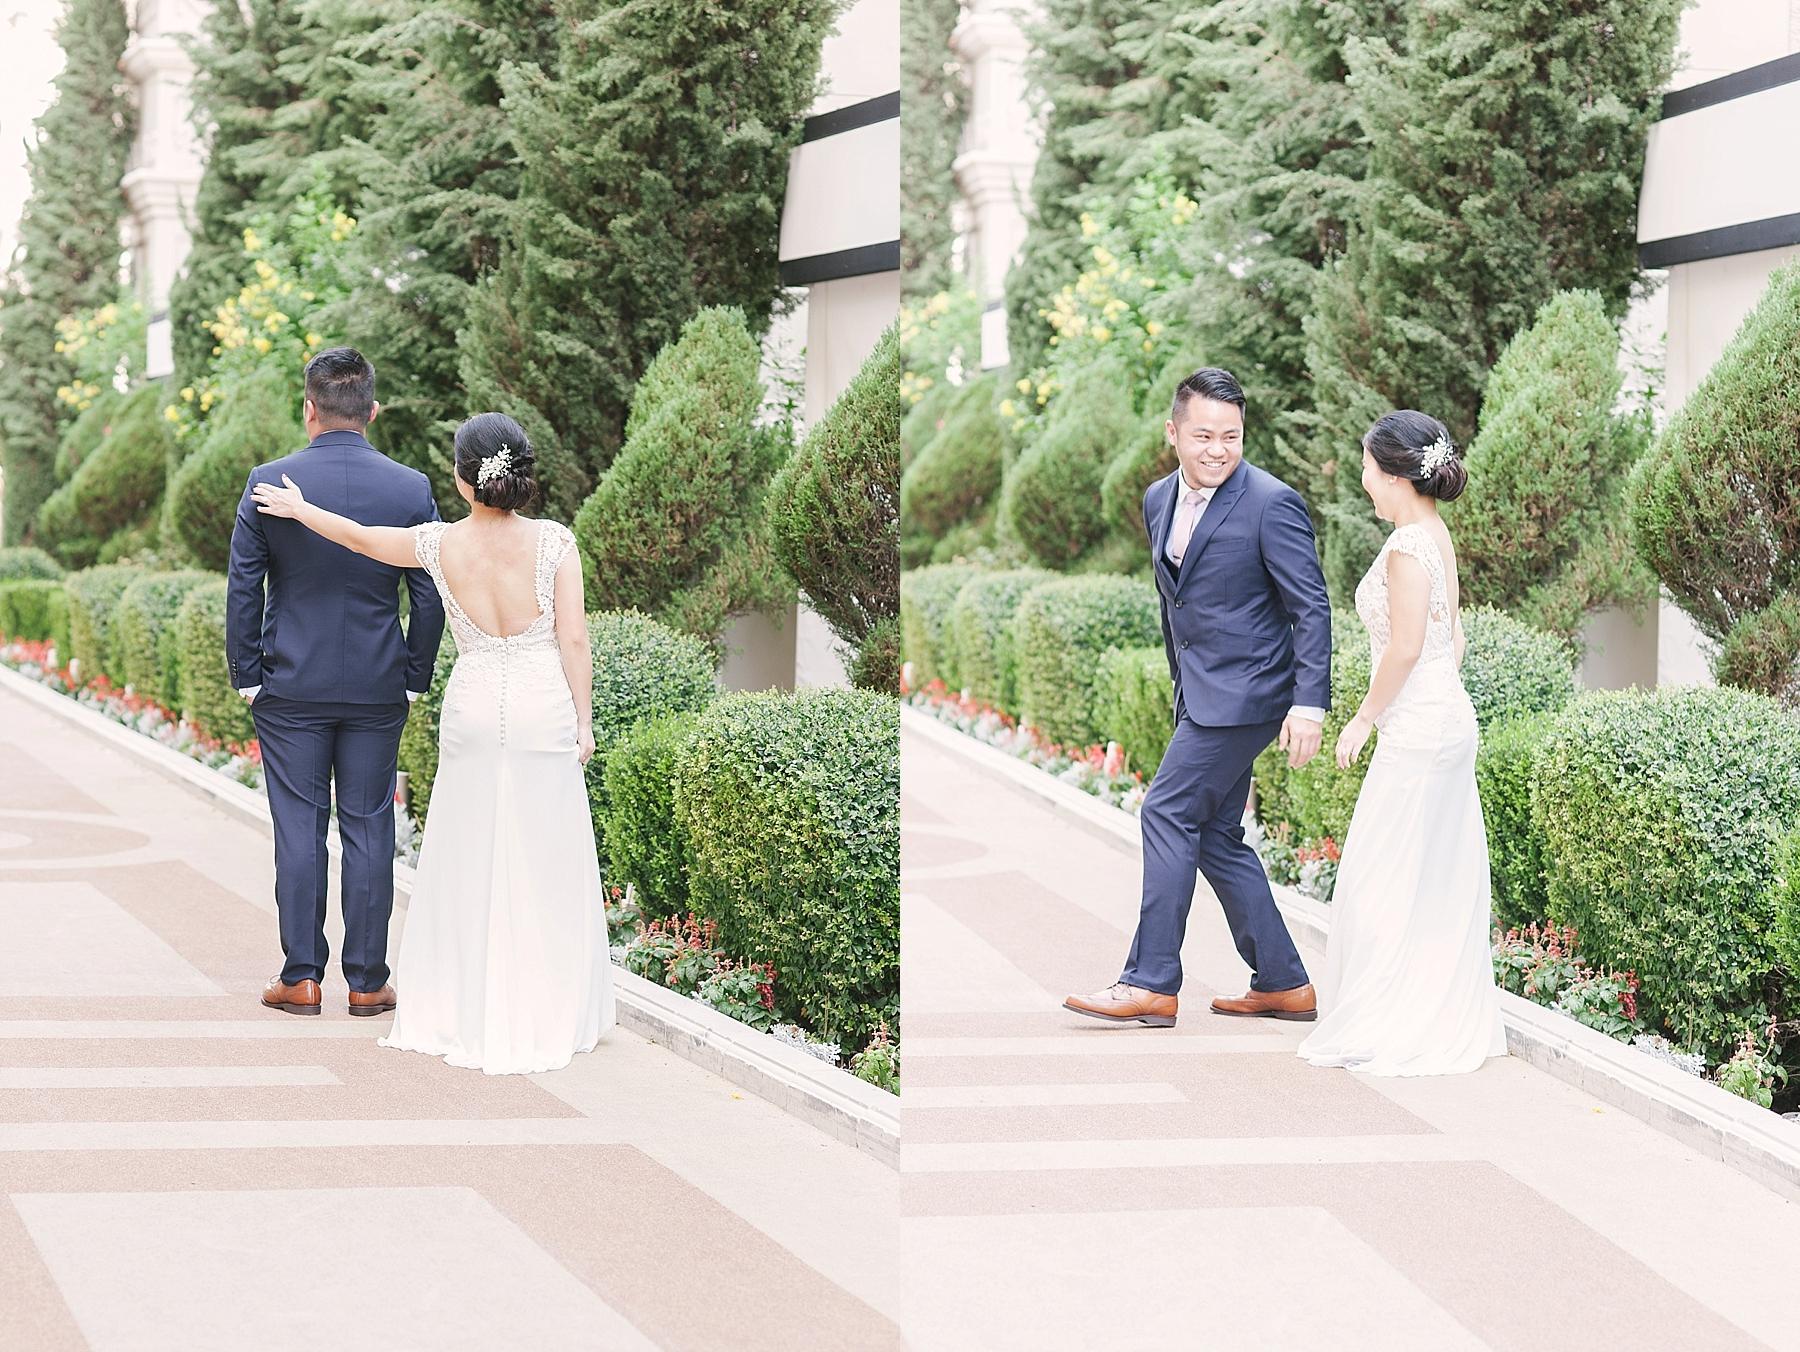 caesars_palace_wedding_las_vegas-15.jpg